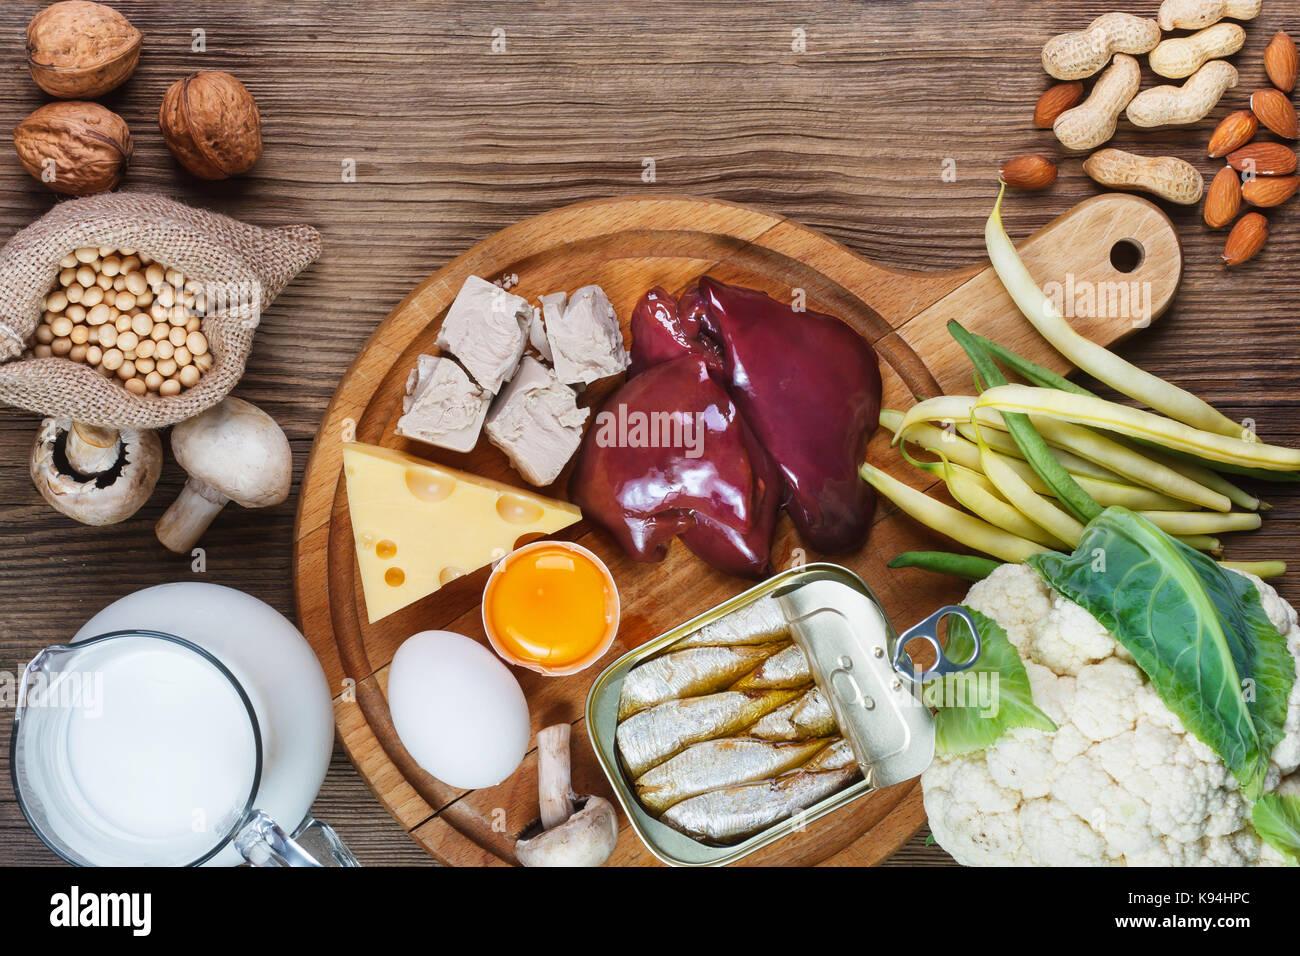 Les aliments riches en biotine (vitamine B7). aliments comme le foie, le jaune d'oeufs, la levure, le fromage, Photo Stock